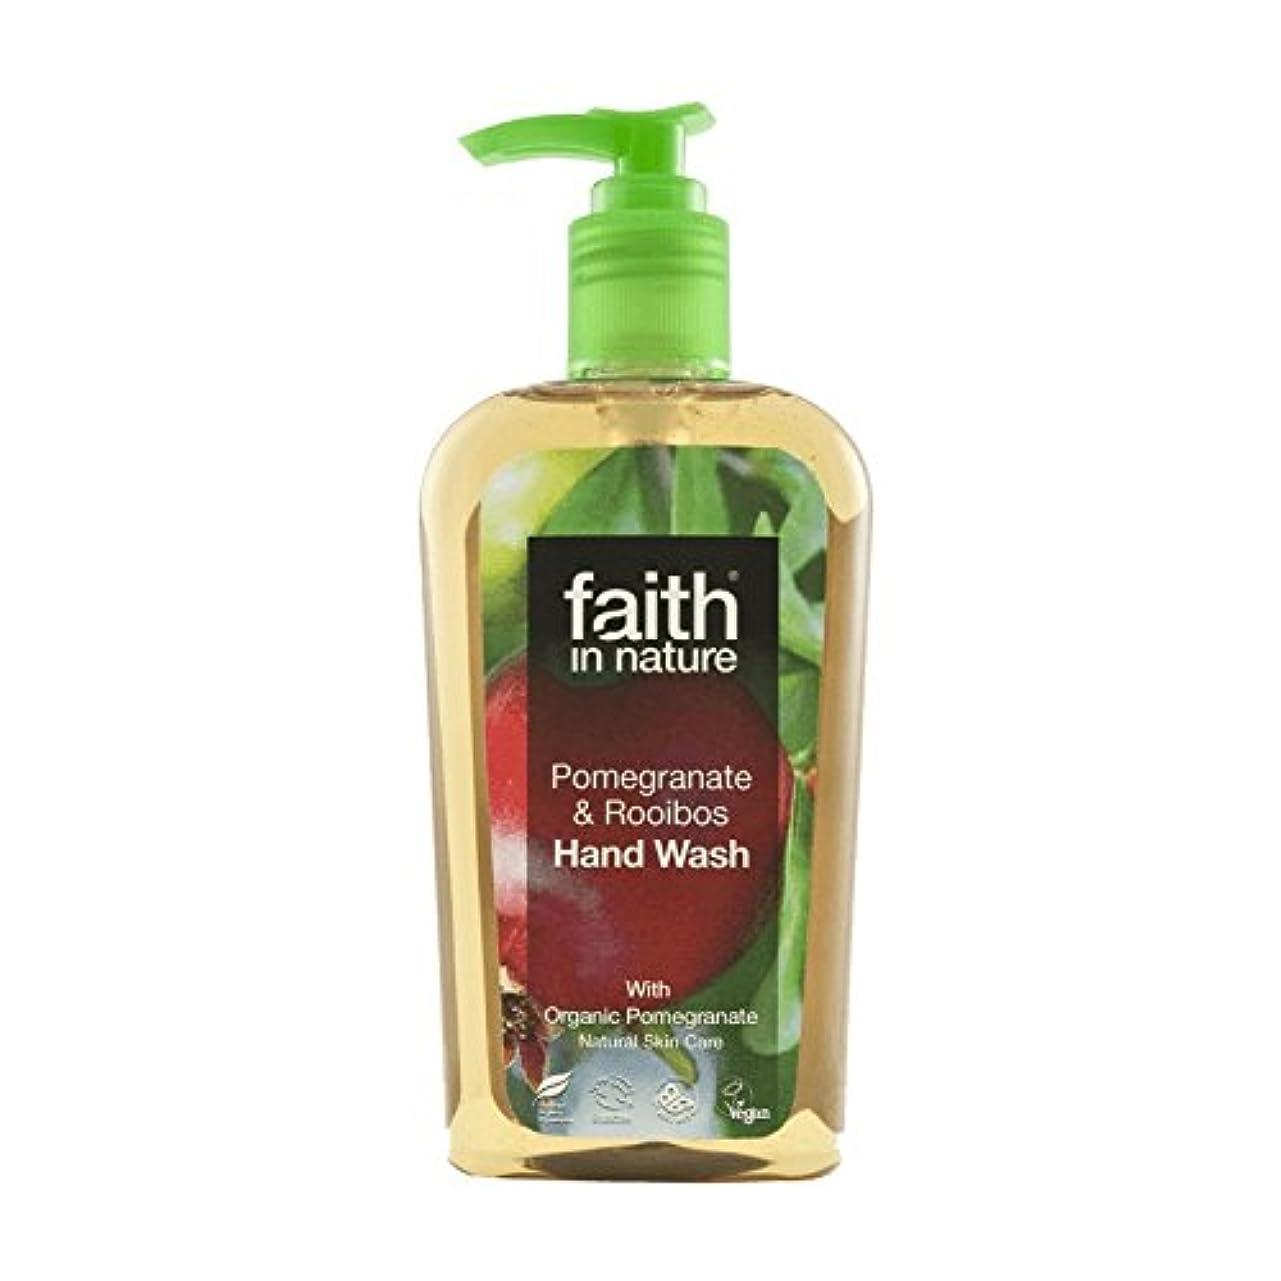 打ち上げるバランスのとれた隣接Faith In Nature Pomegranate & Rooibos Handwash 300ml (Pack of 6) - 自然ザクロ&ルイボス手洗いの300ミリリットルの信仰 (x6) [並行輸入品]